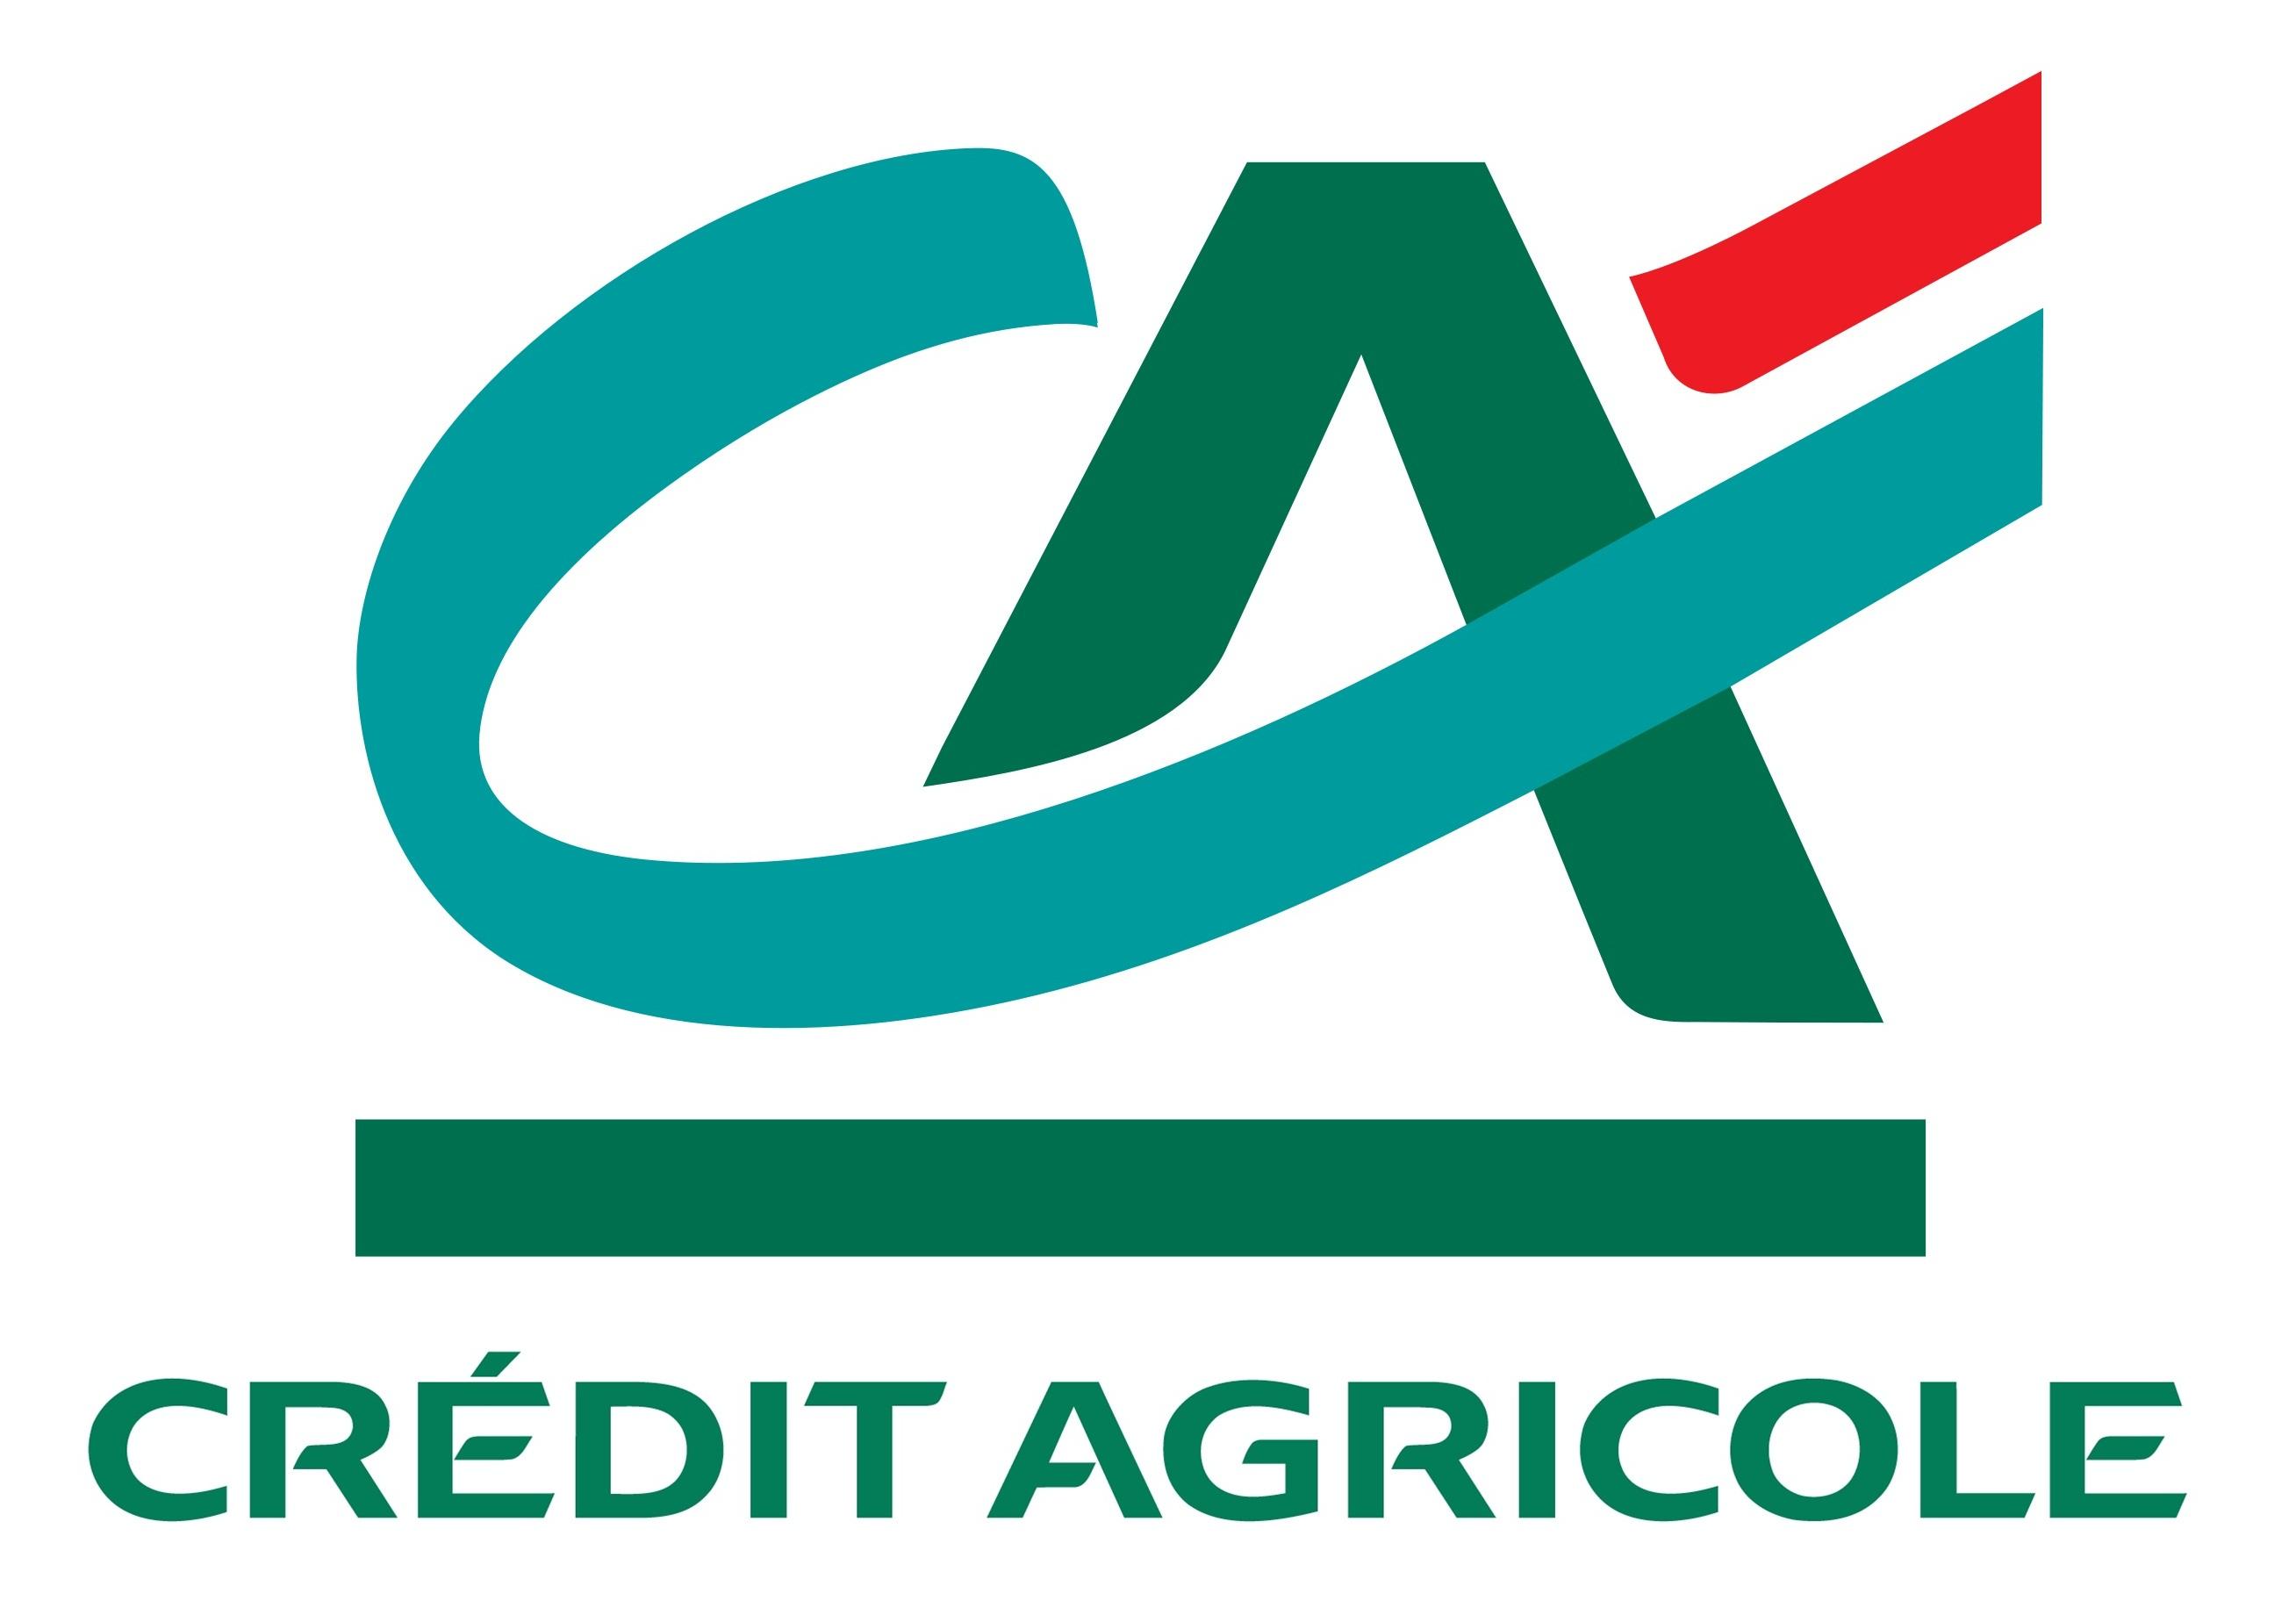 logo-credit-agricole-2 - Compétence & Plaisir !